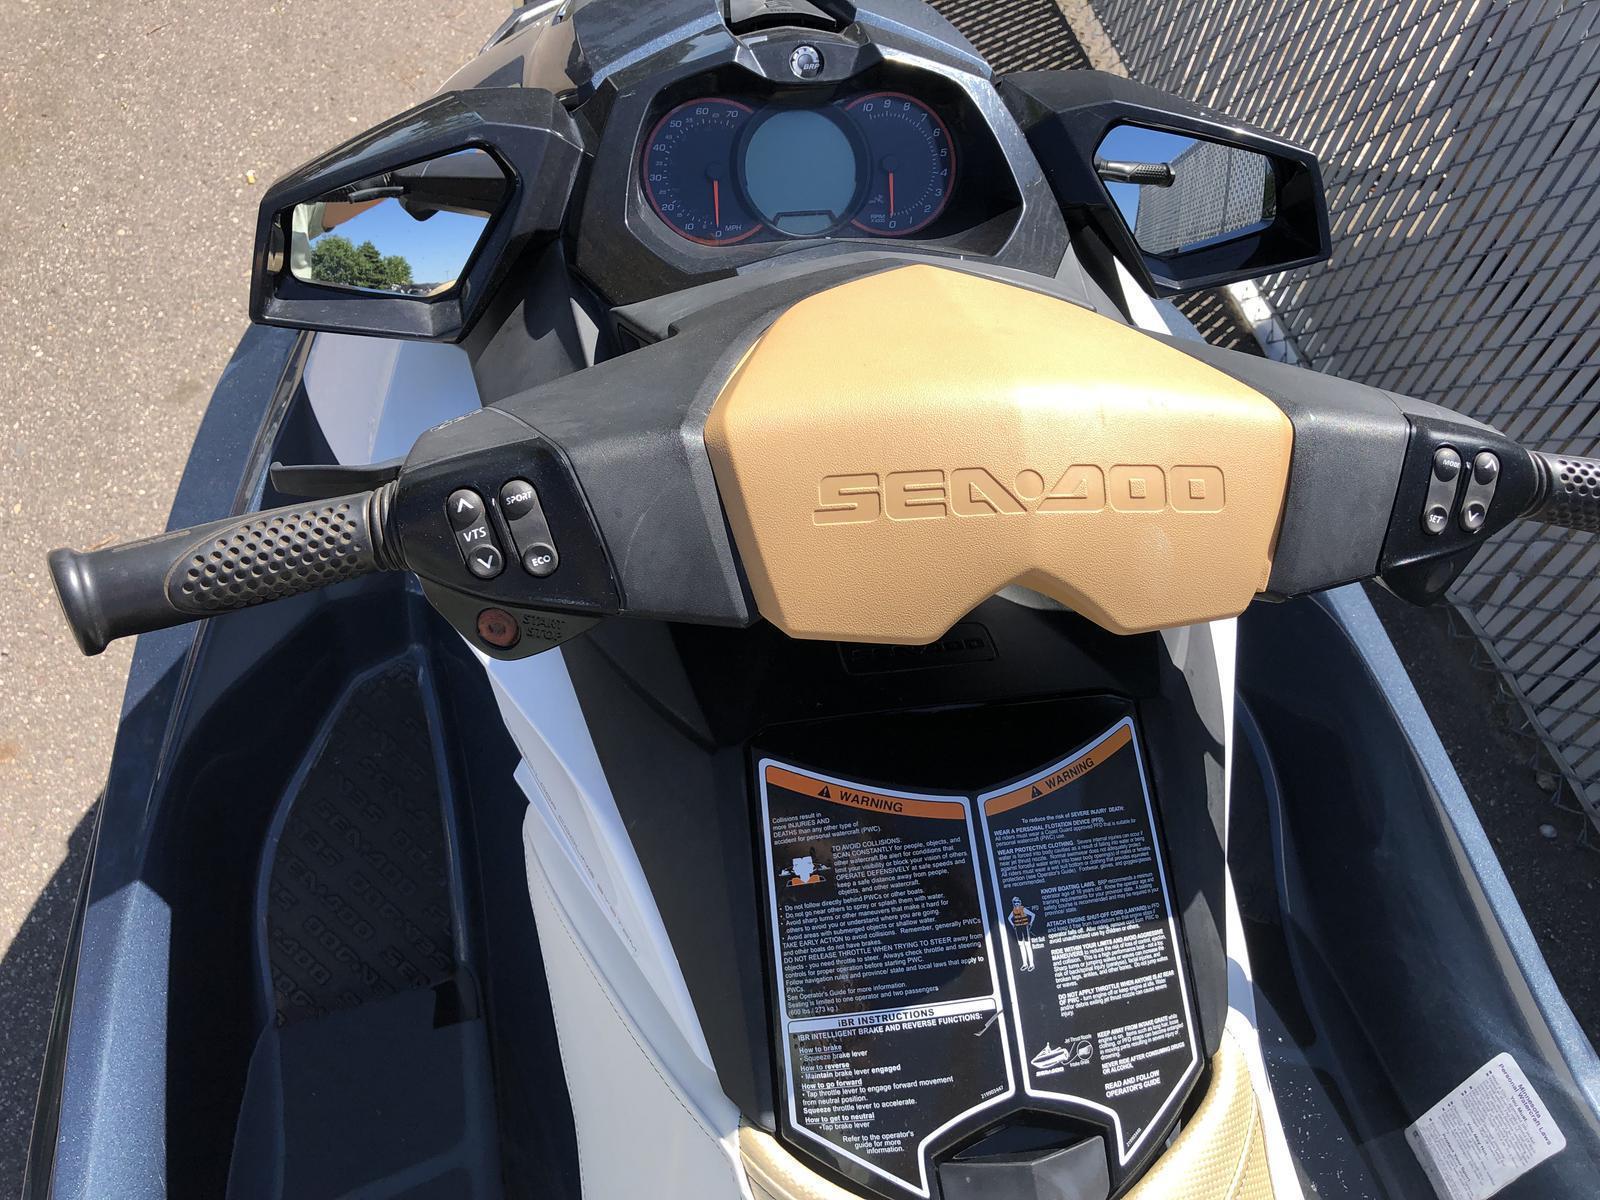 2012 Sea-Doo GTI LTD 155